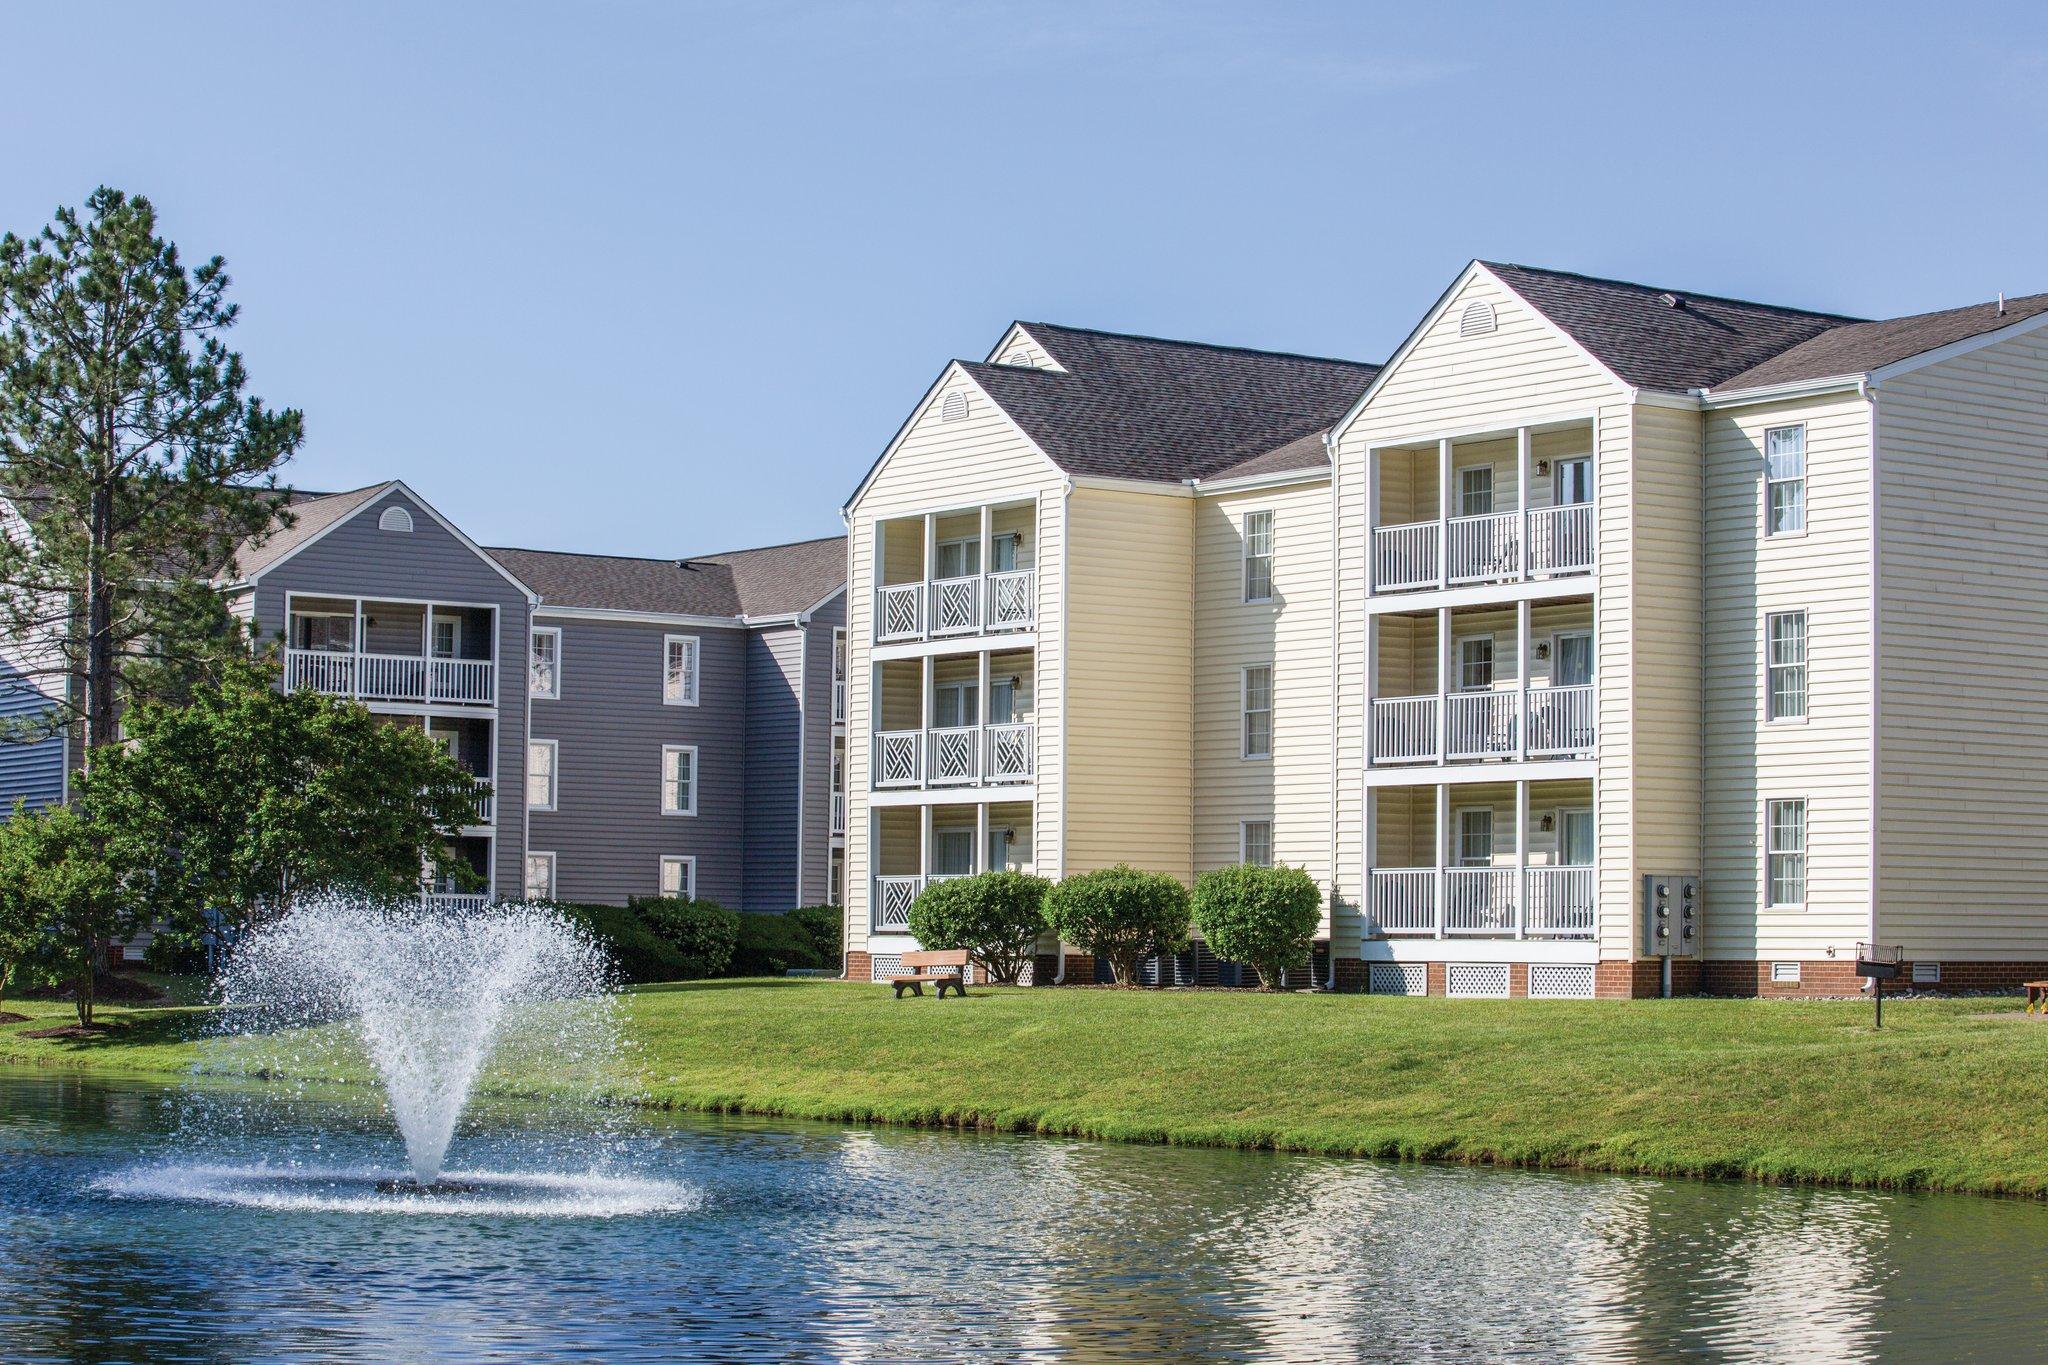 Wyndham Vacation Resorts - Kingsgate